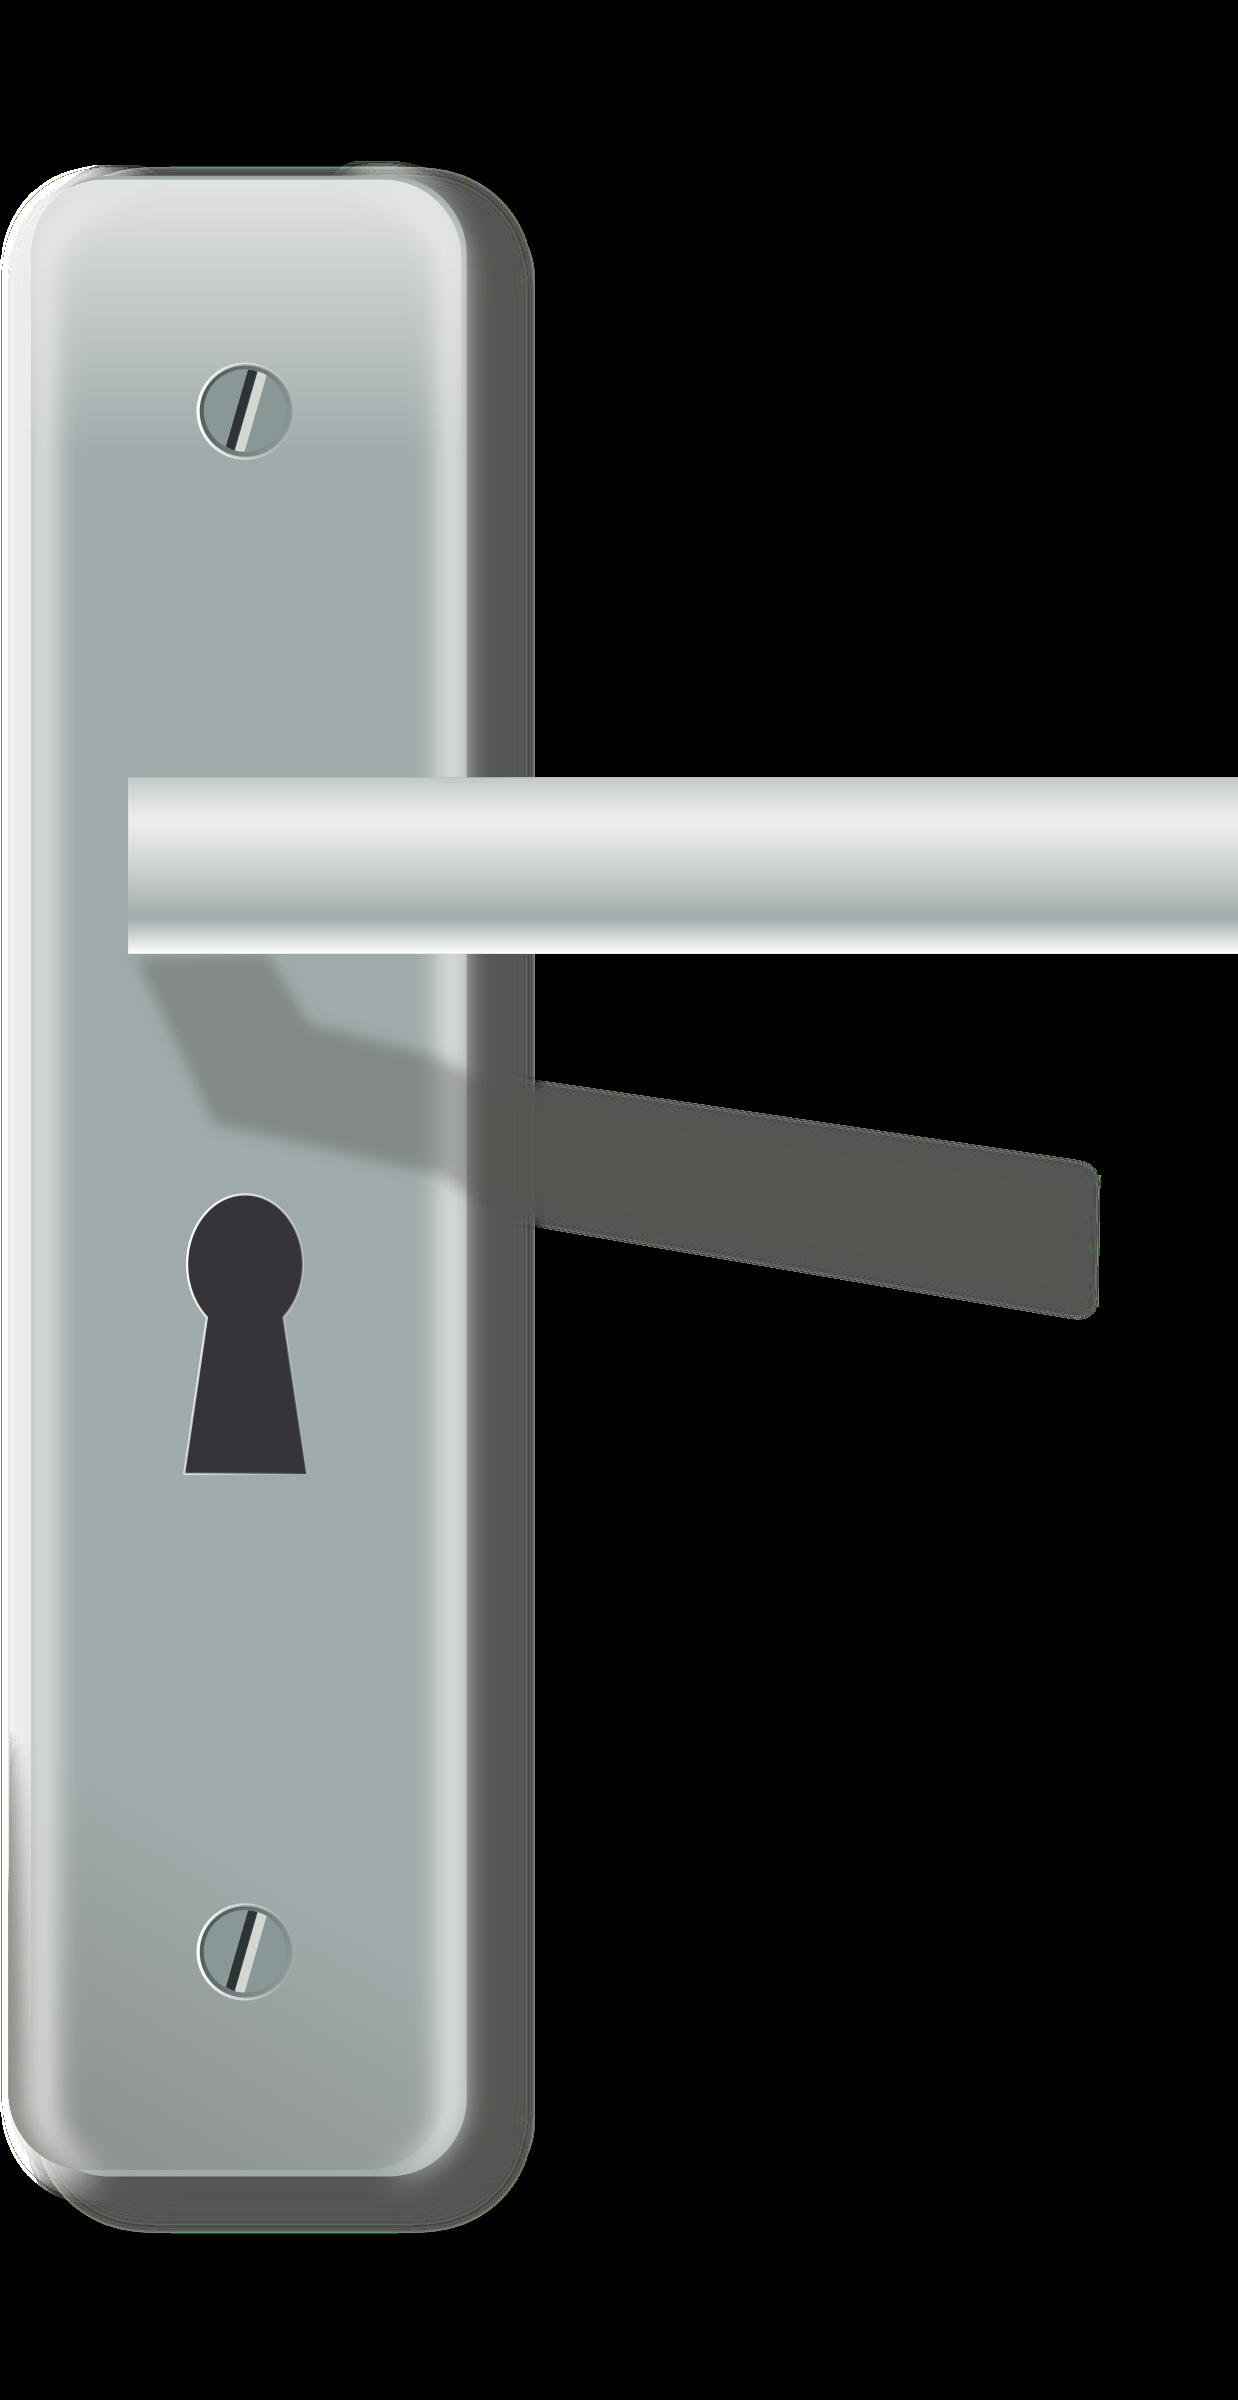 Clipart door latch with lock - Door handle clipart ...